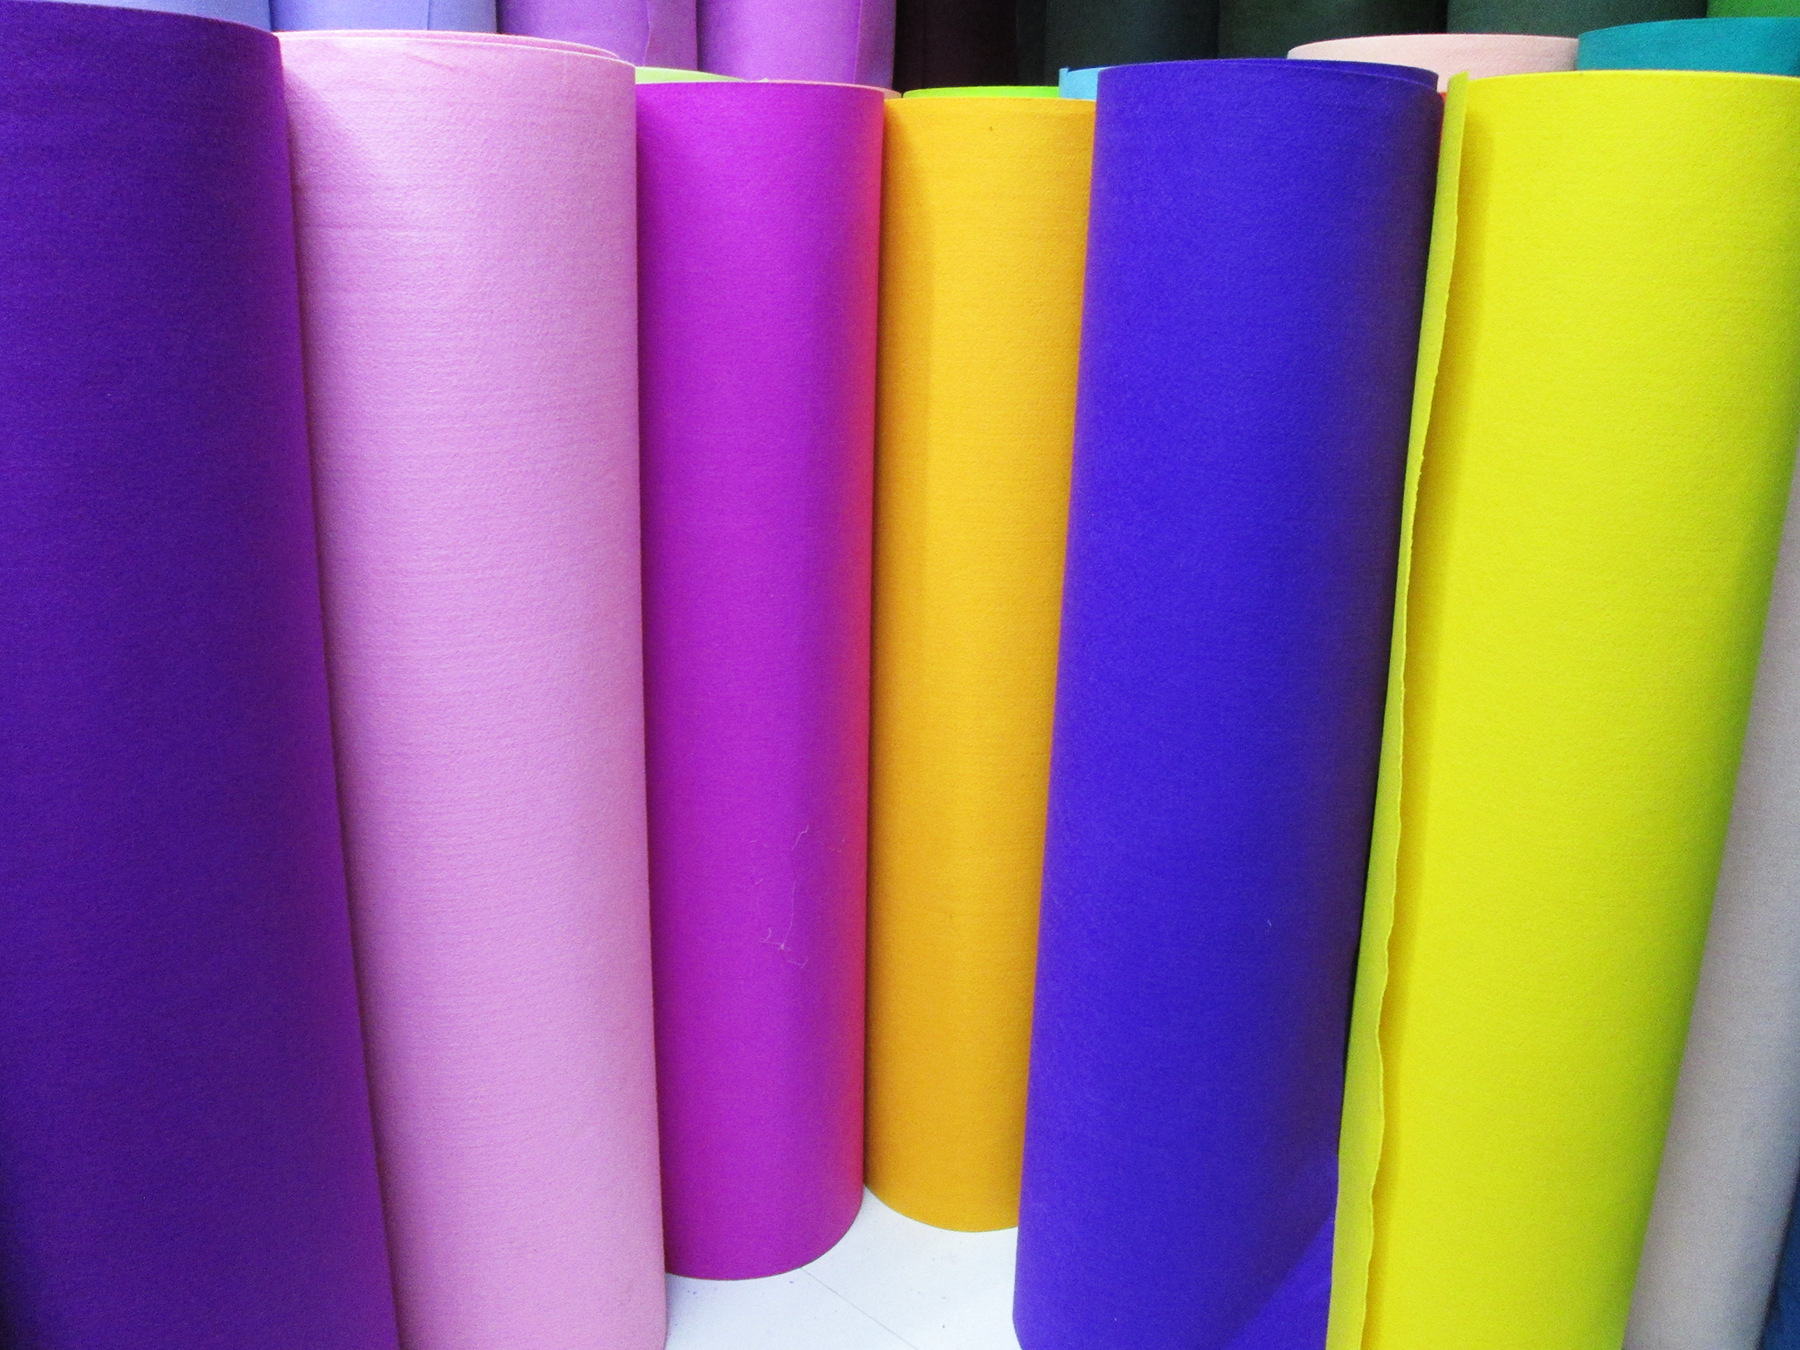 Vải không dệt Nhà máy trực tiếp tiêu chuẩn Châu Âu bảo vệ môi trường màu vải không dệt 1.2MMdiy vải